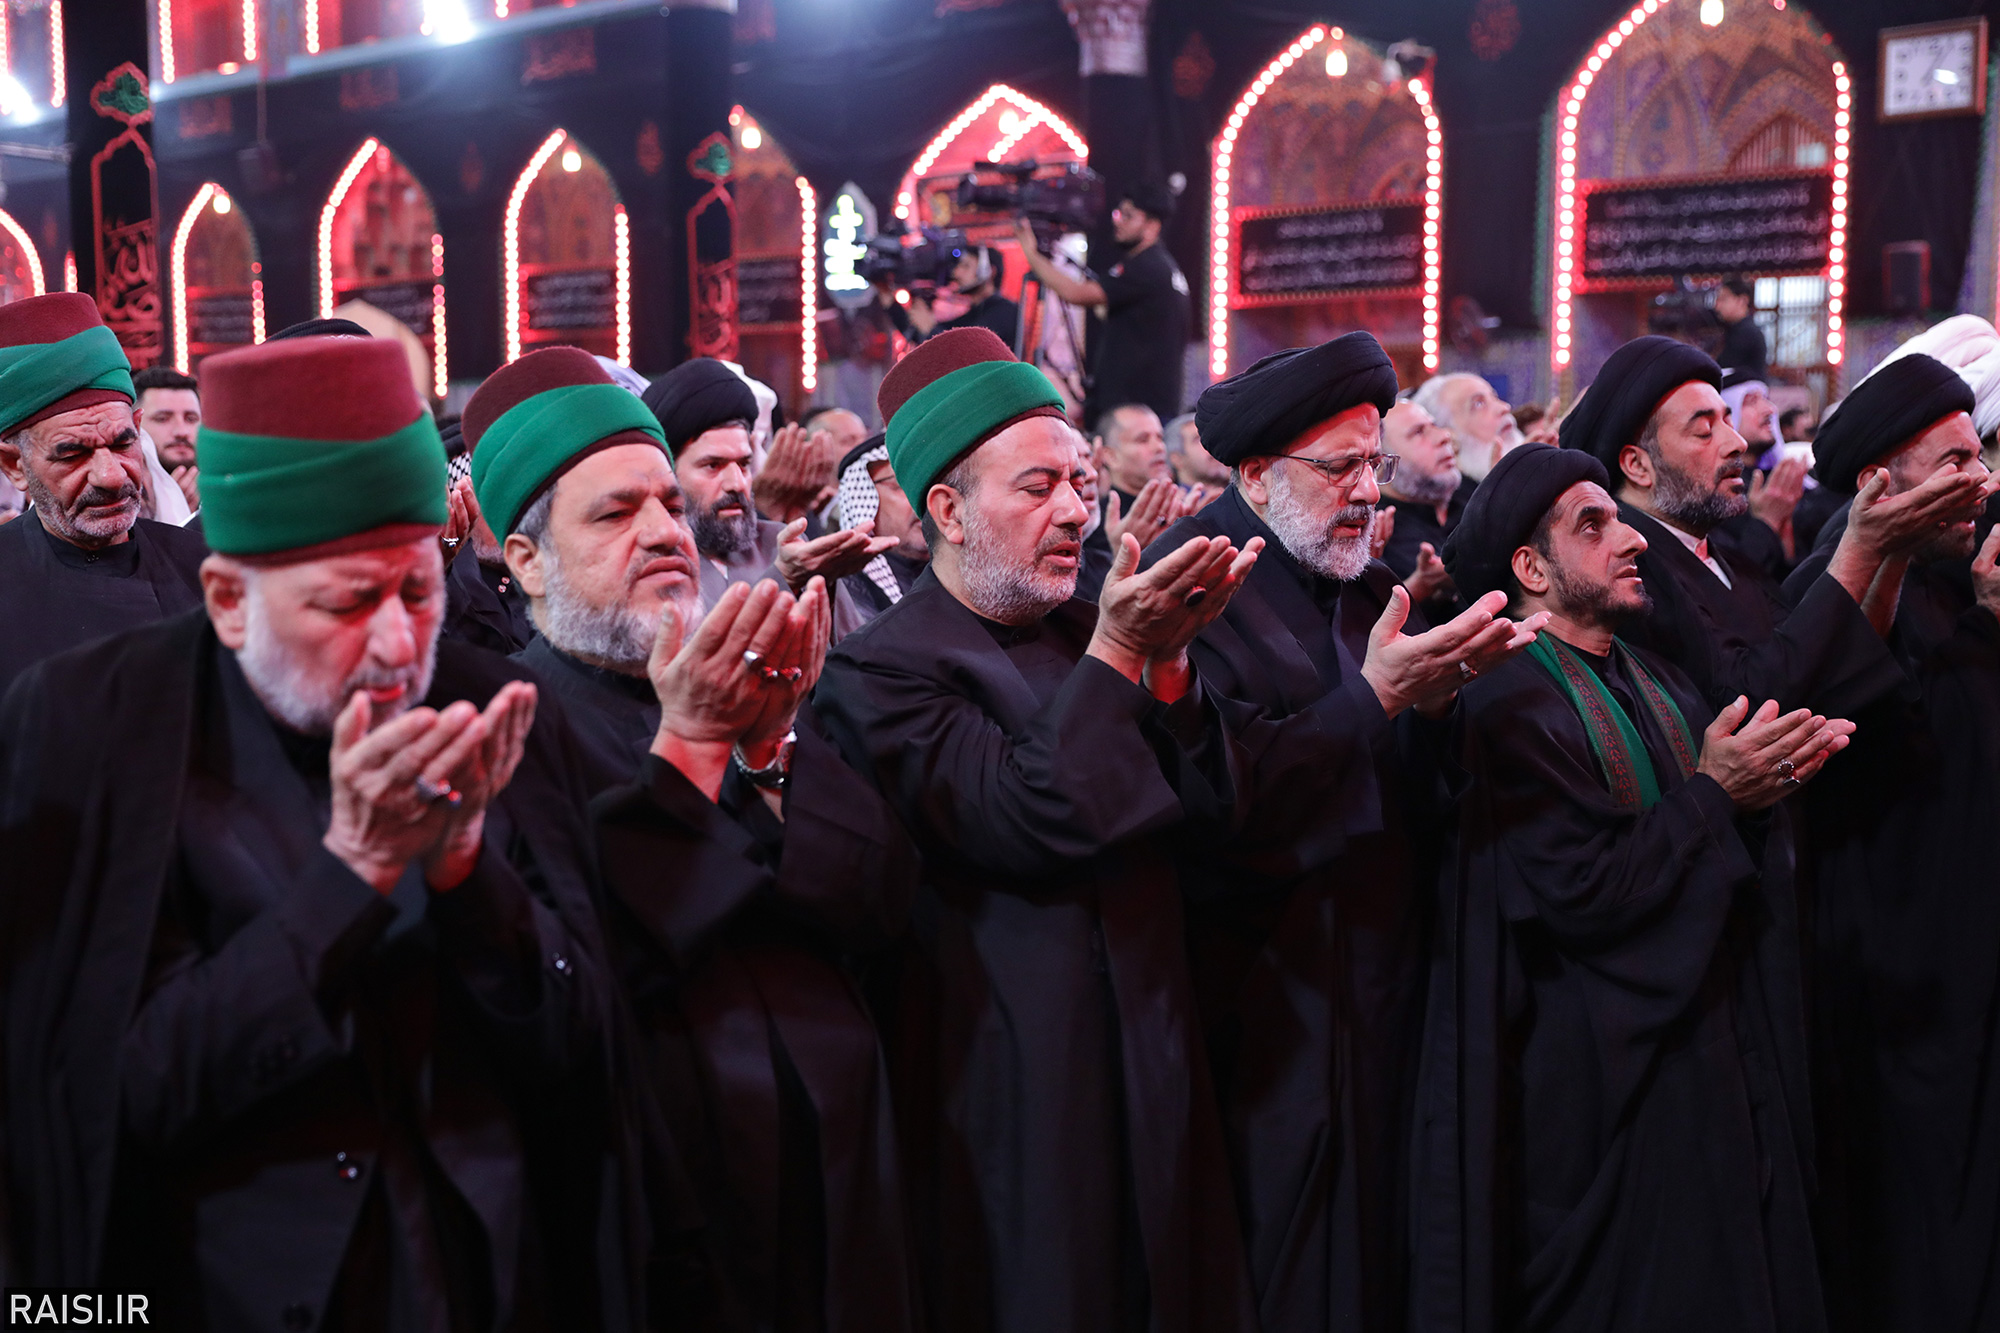 گزارش تصویری تشرف تولیت آستان قدس به حرم  امام حسین(ع)